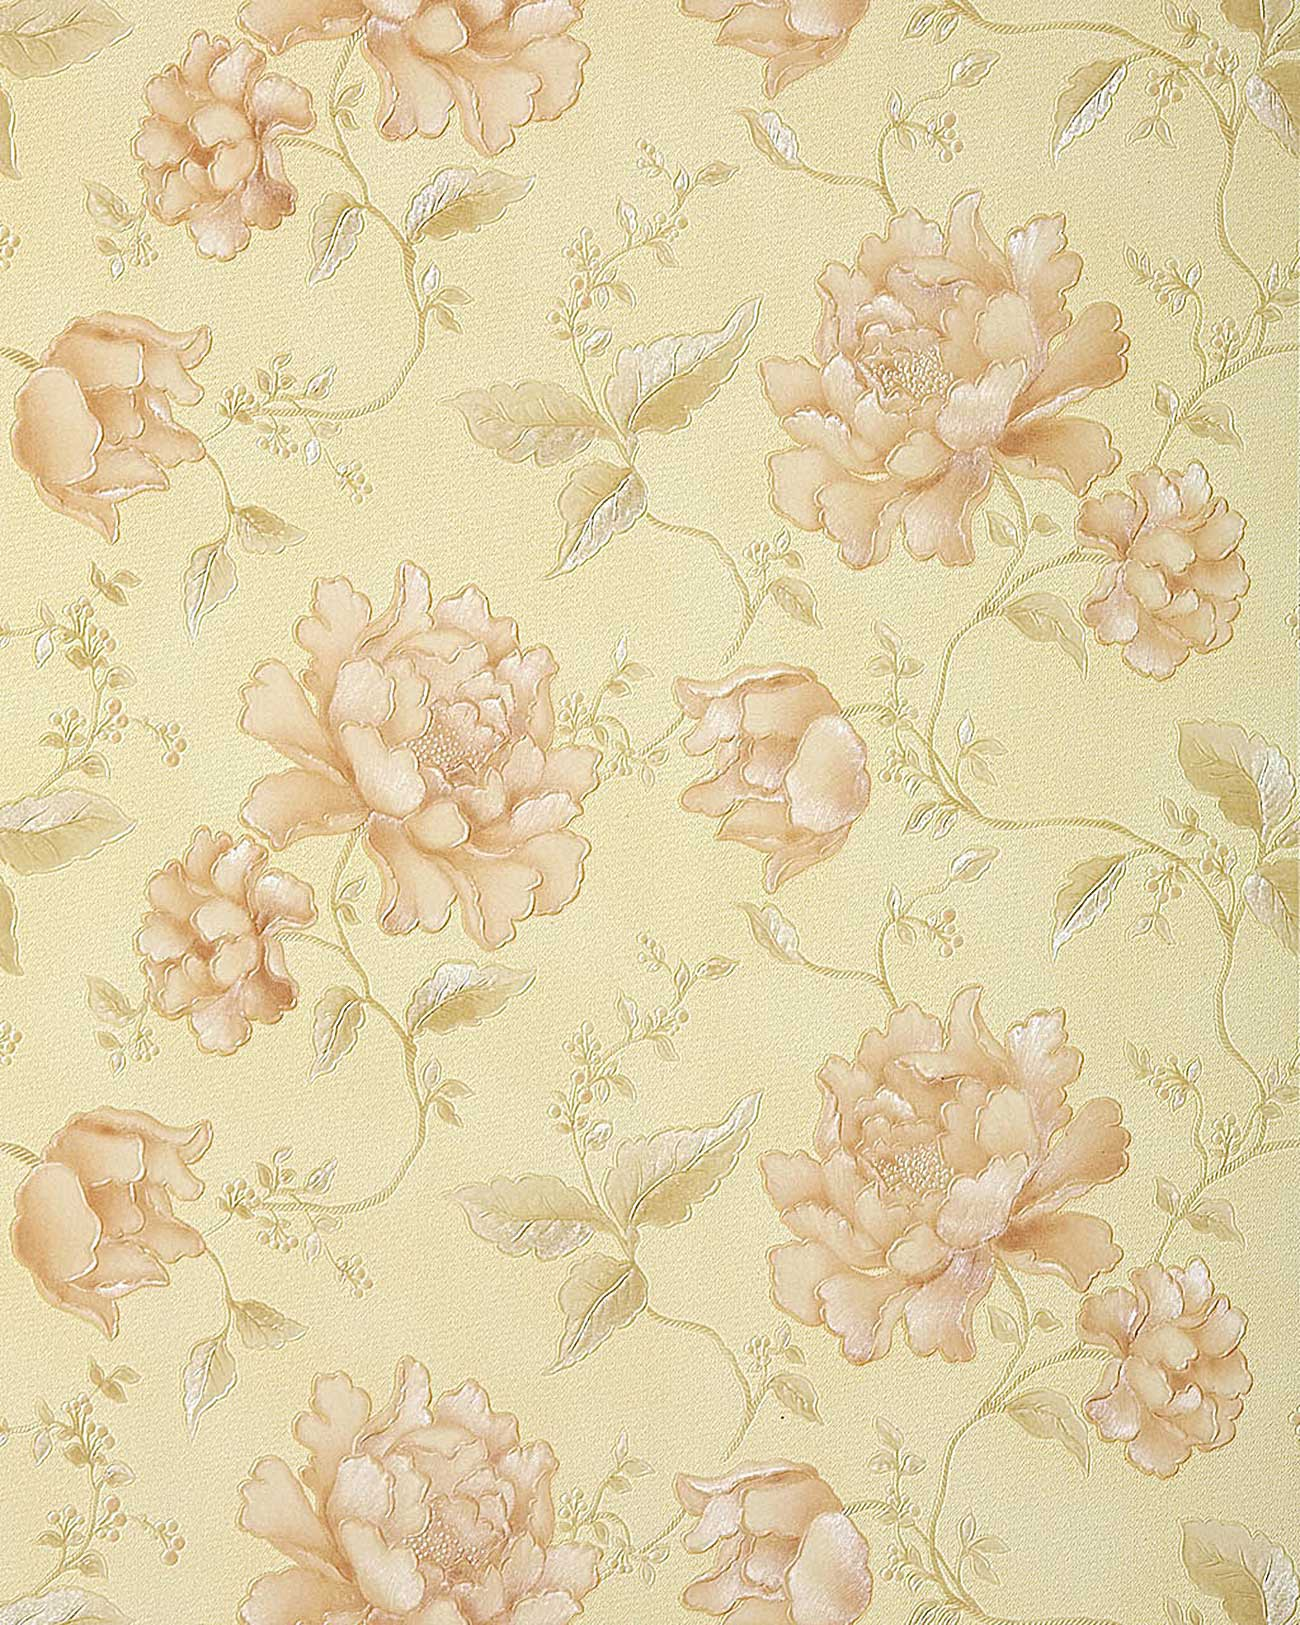 Edem 748 31 3d luxus floral tapete beige elfenbein platin for Tapete floral